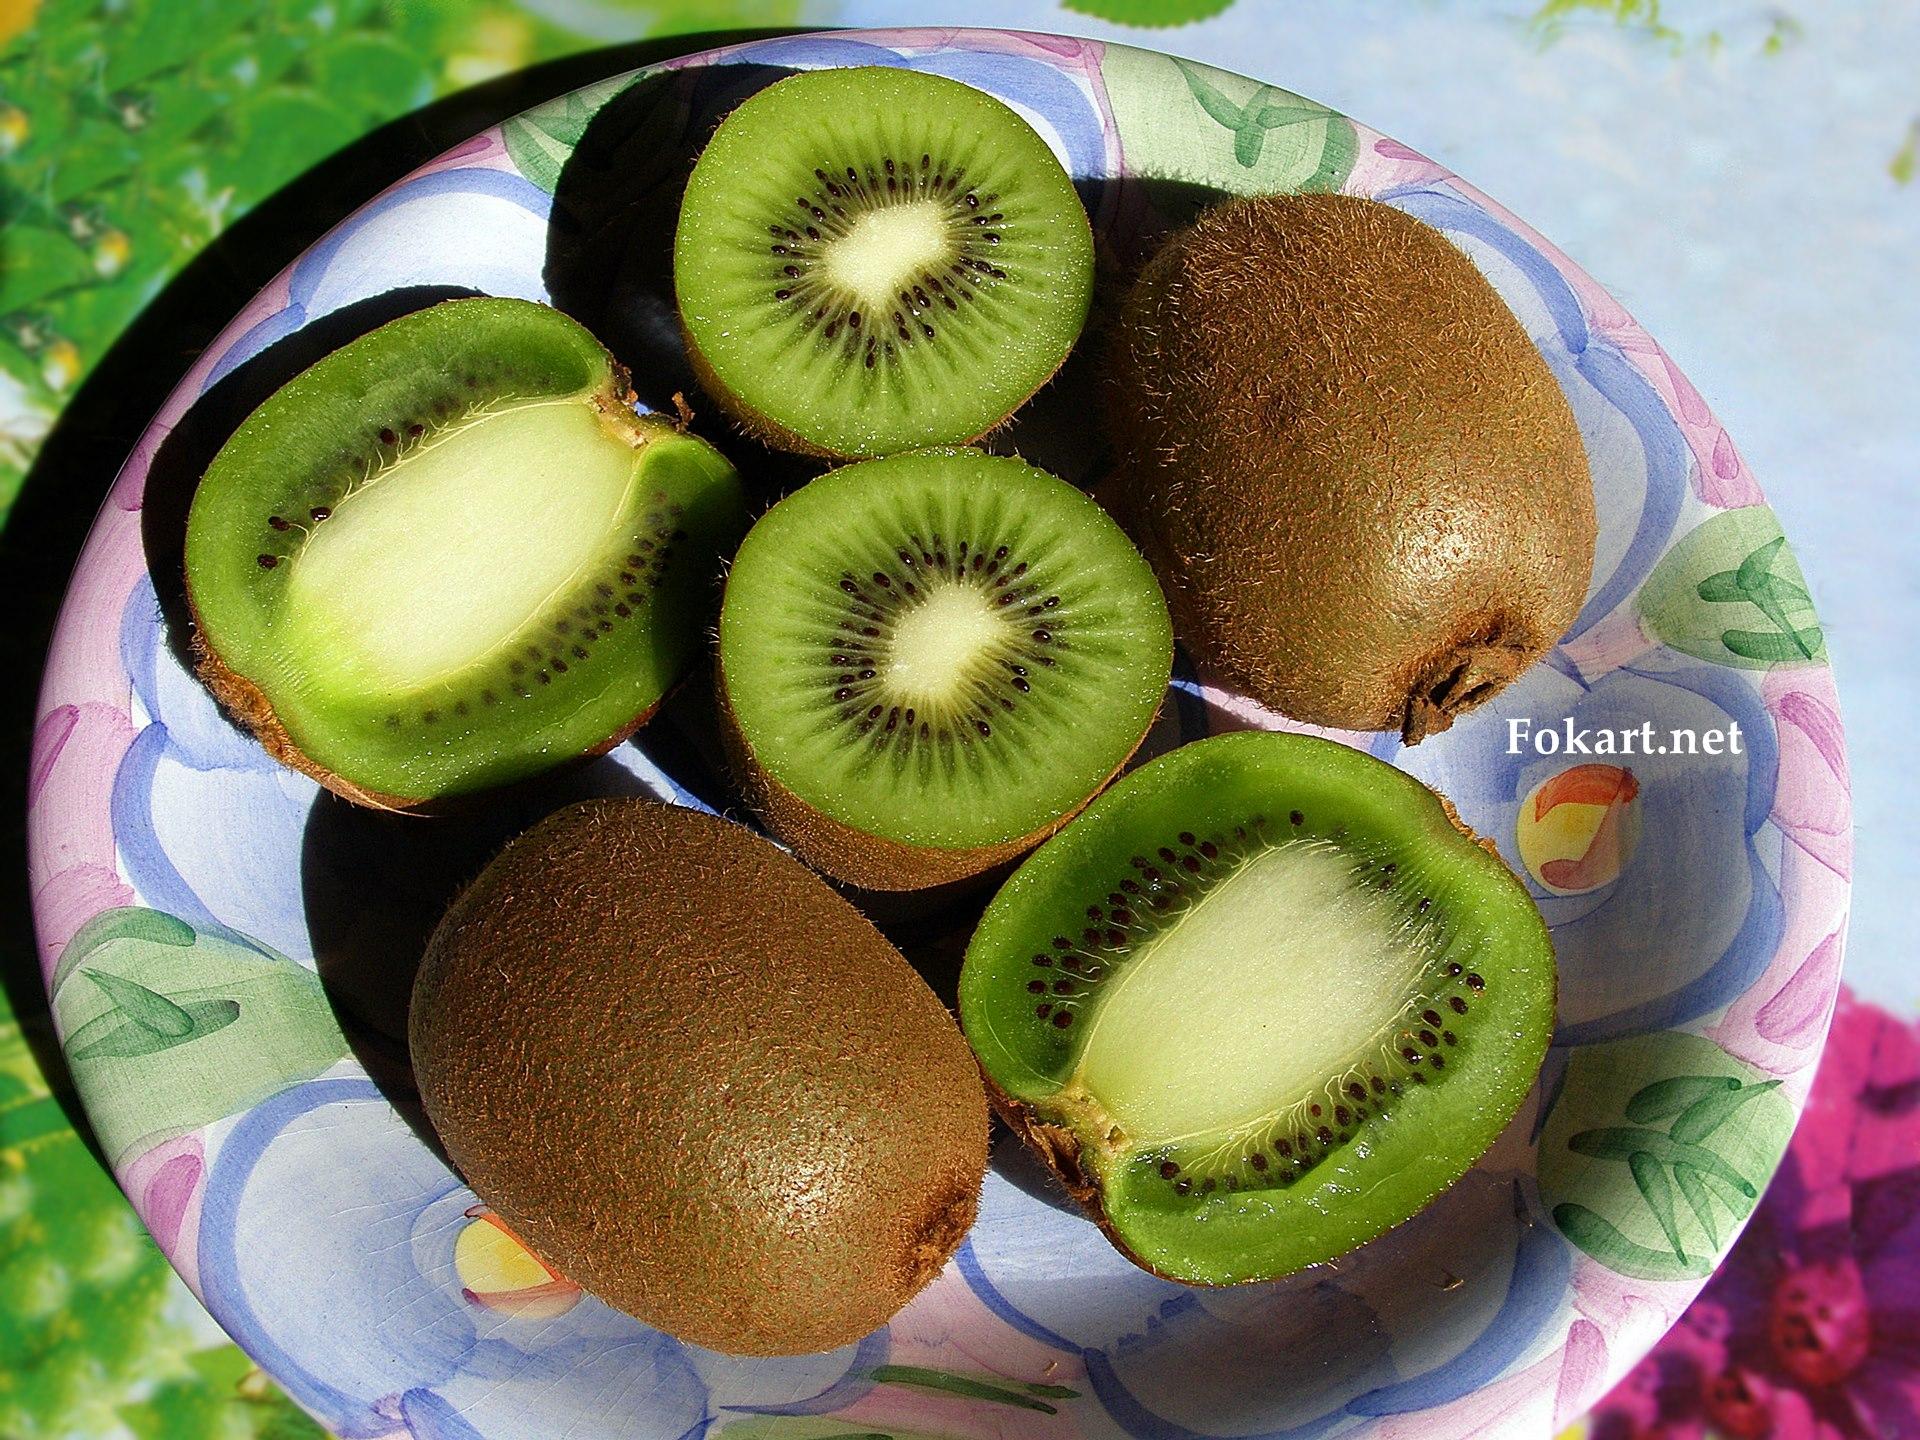 Плоды киви на цветной тарелке